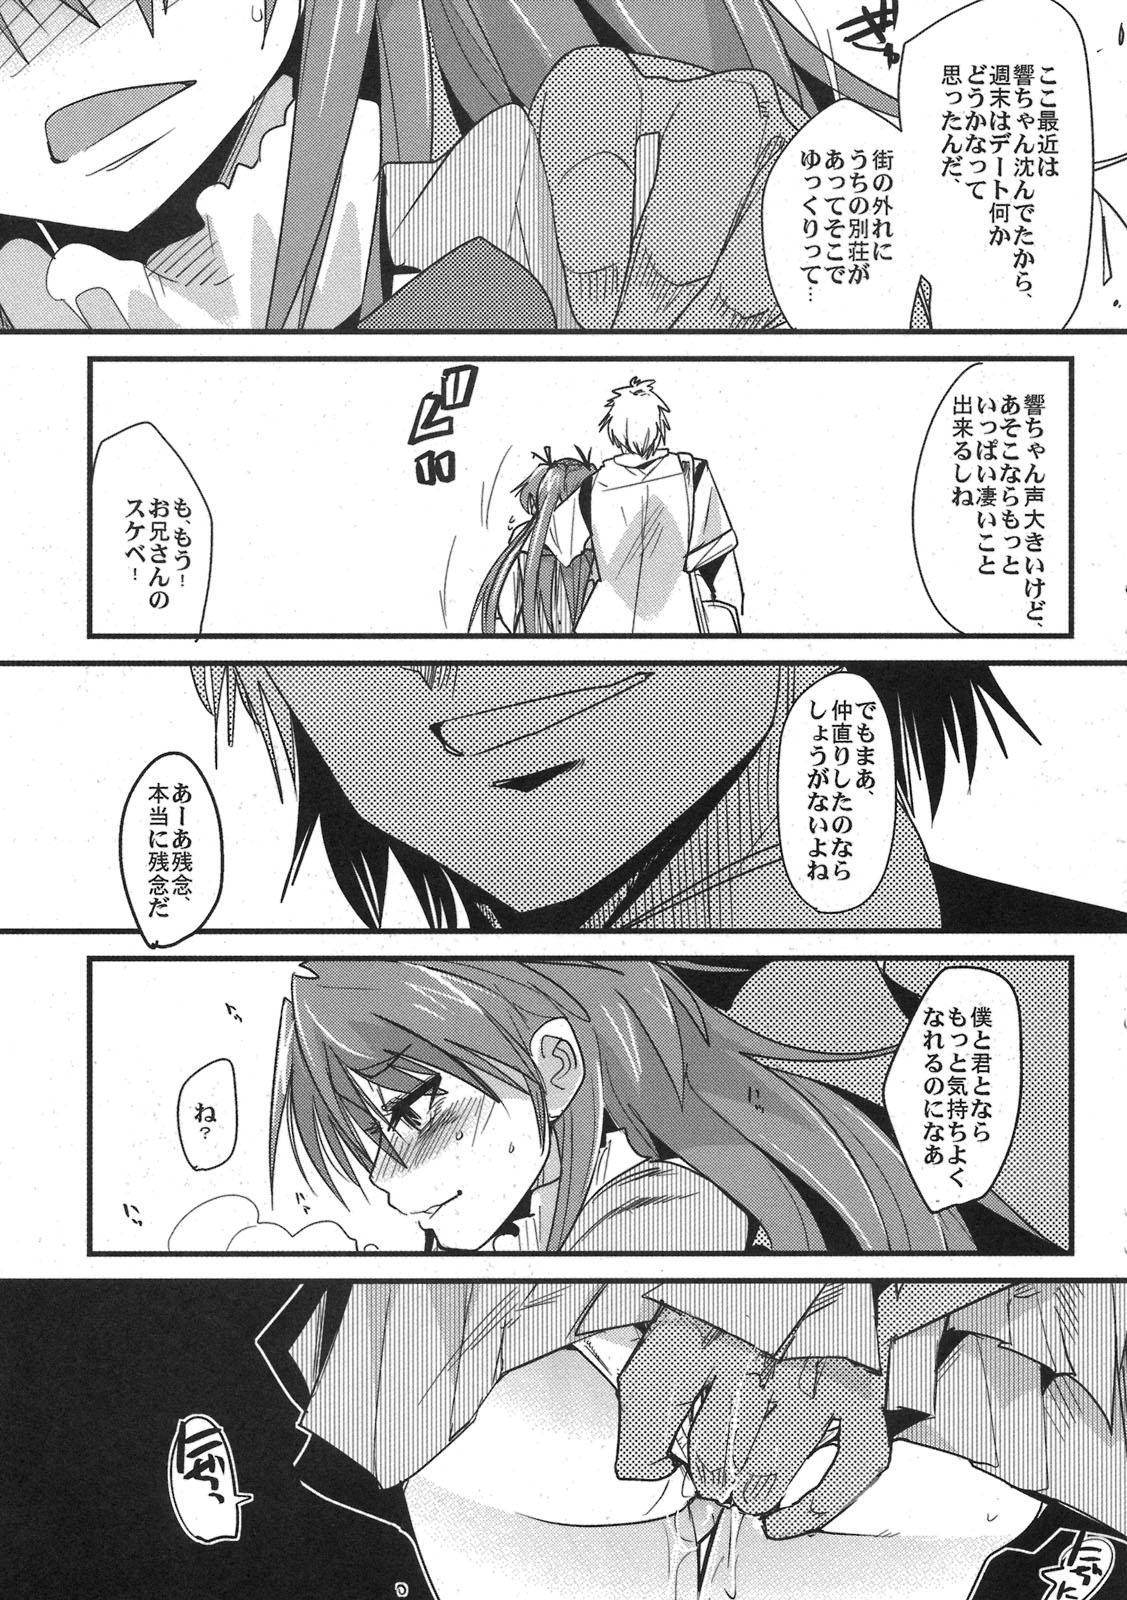 Yoru ni Hibiku 14